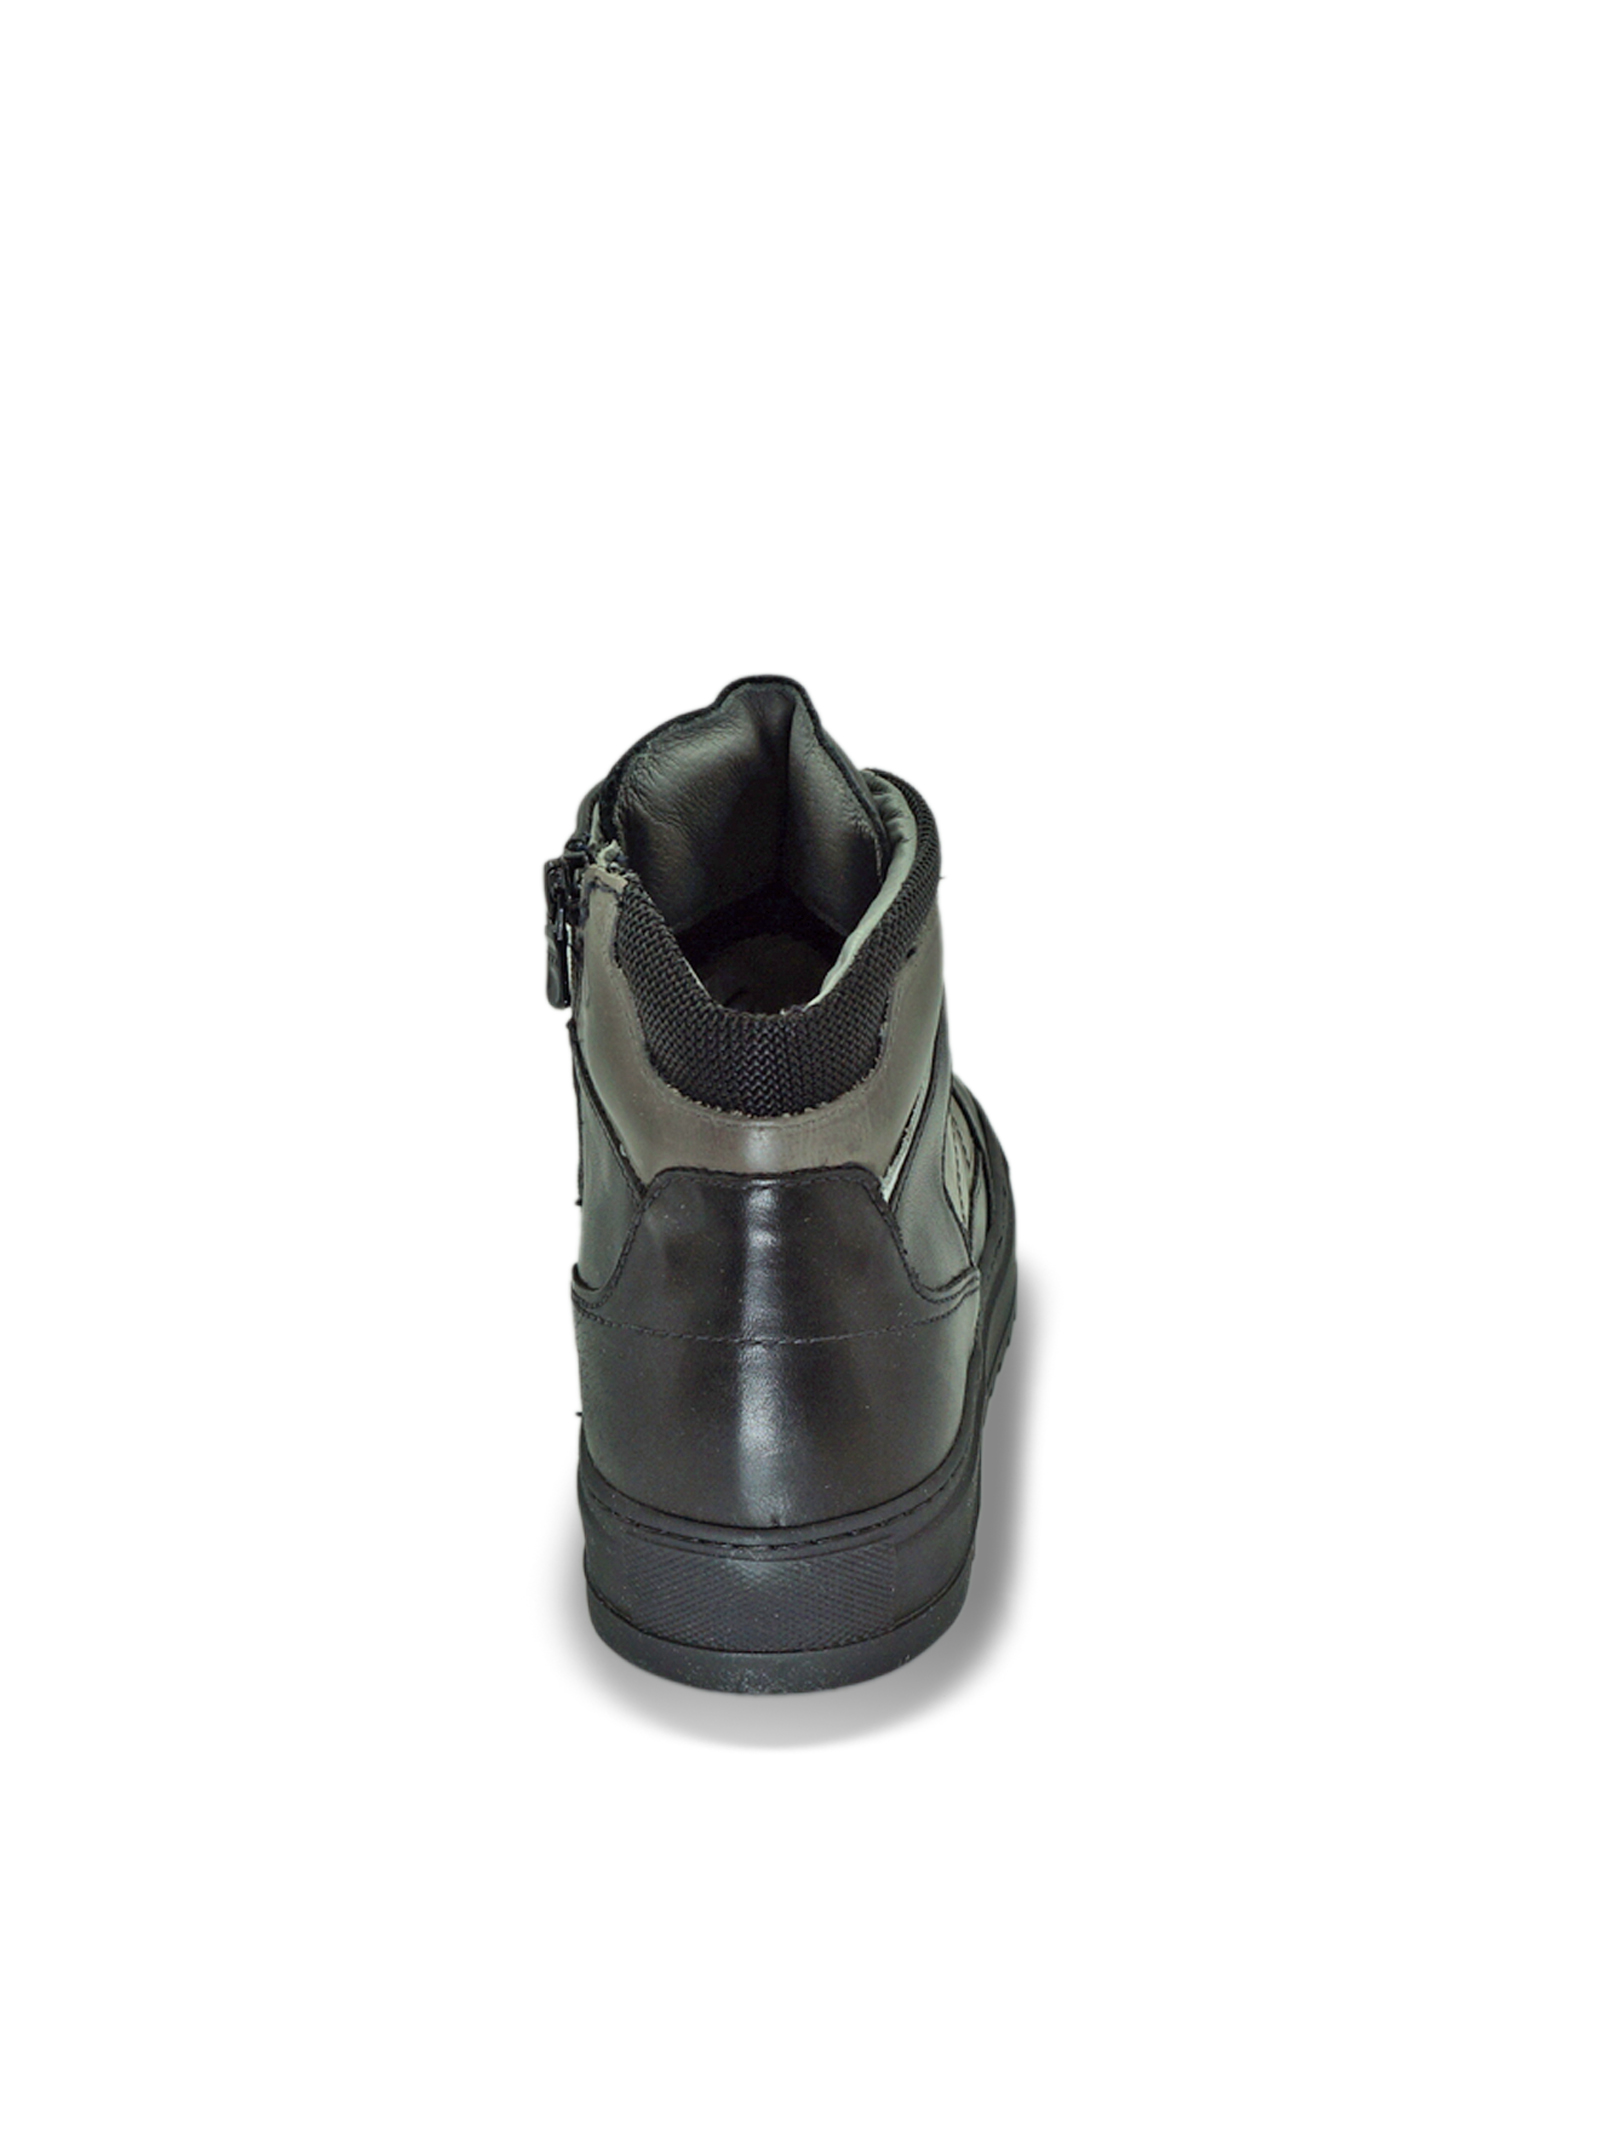 Sneakers da Uomo in Pelle con Lacci e Zip Nero Giardini | Sneakers | I001832UNERO